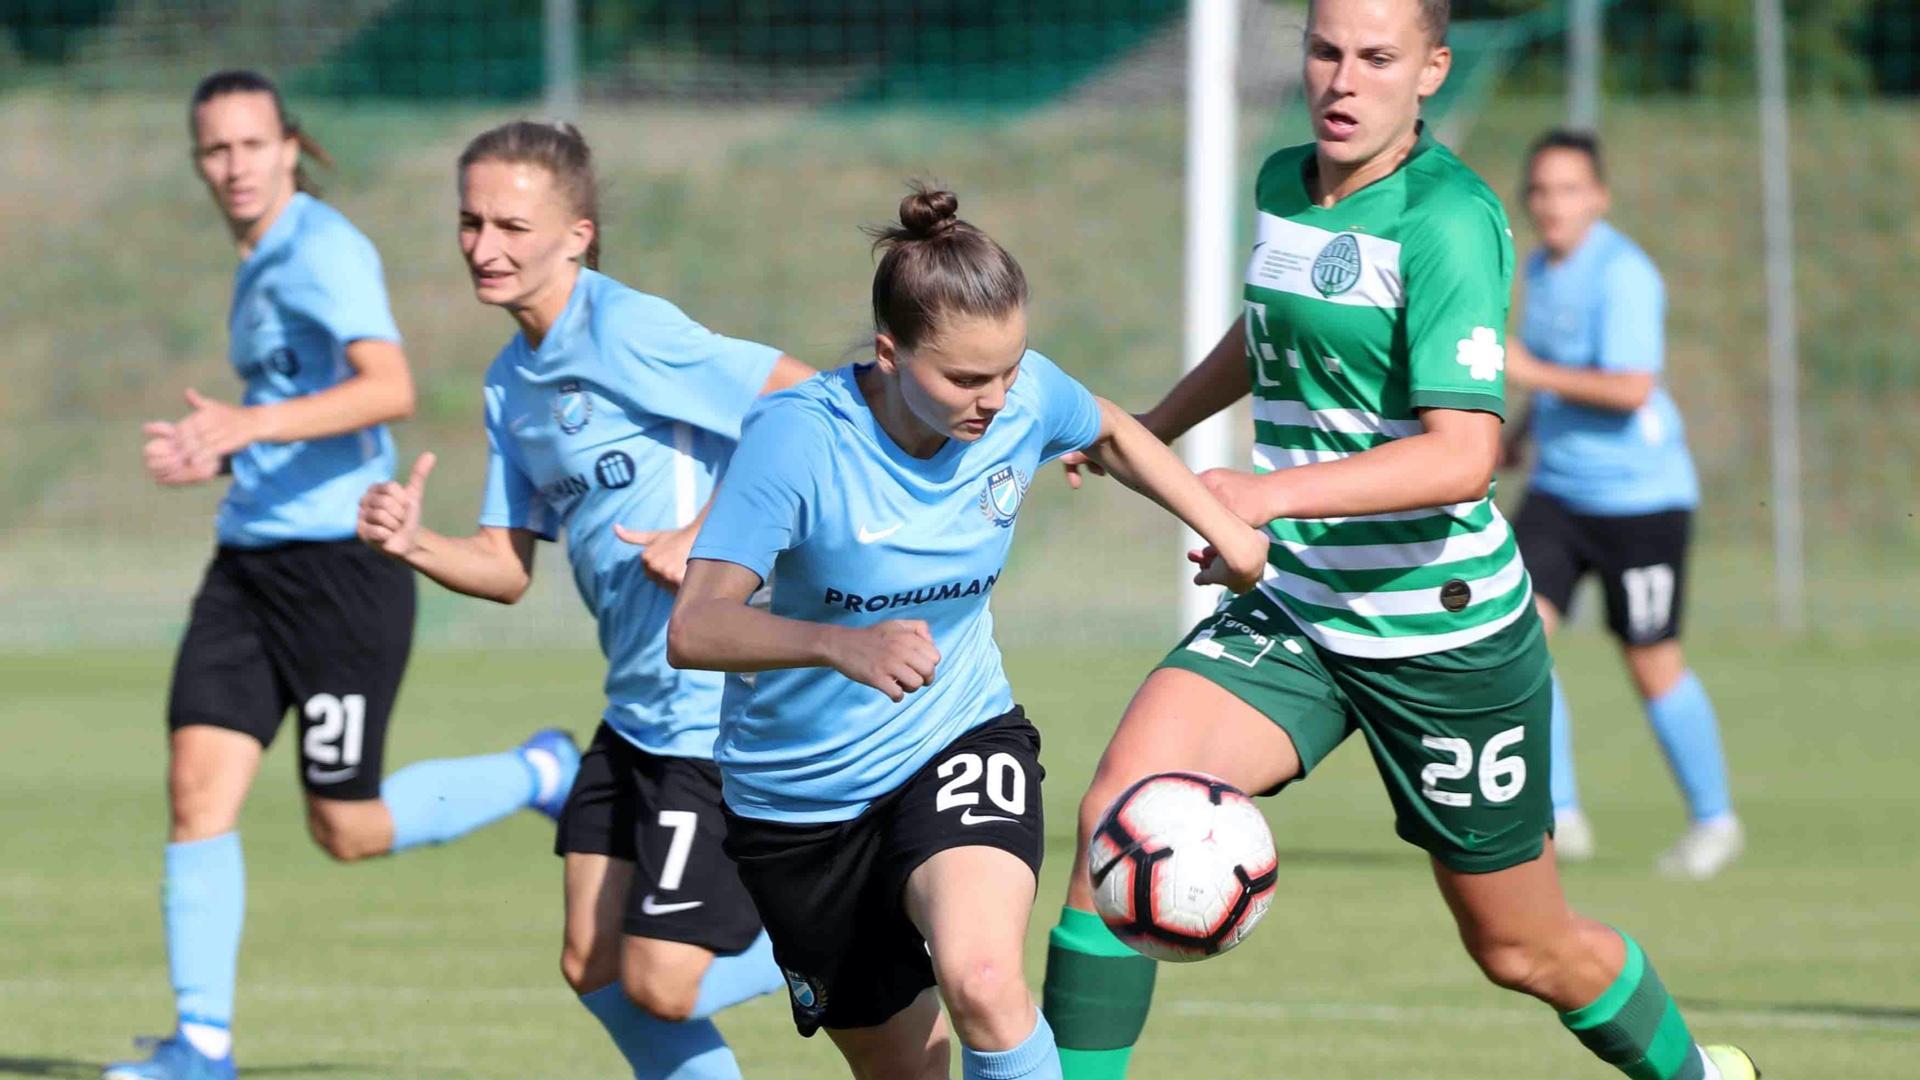 Női labdarúgás: Drámai mérkőzésen szenvedtünk vereséget az FTC-Telekom otthonában